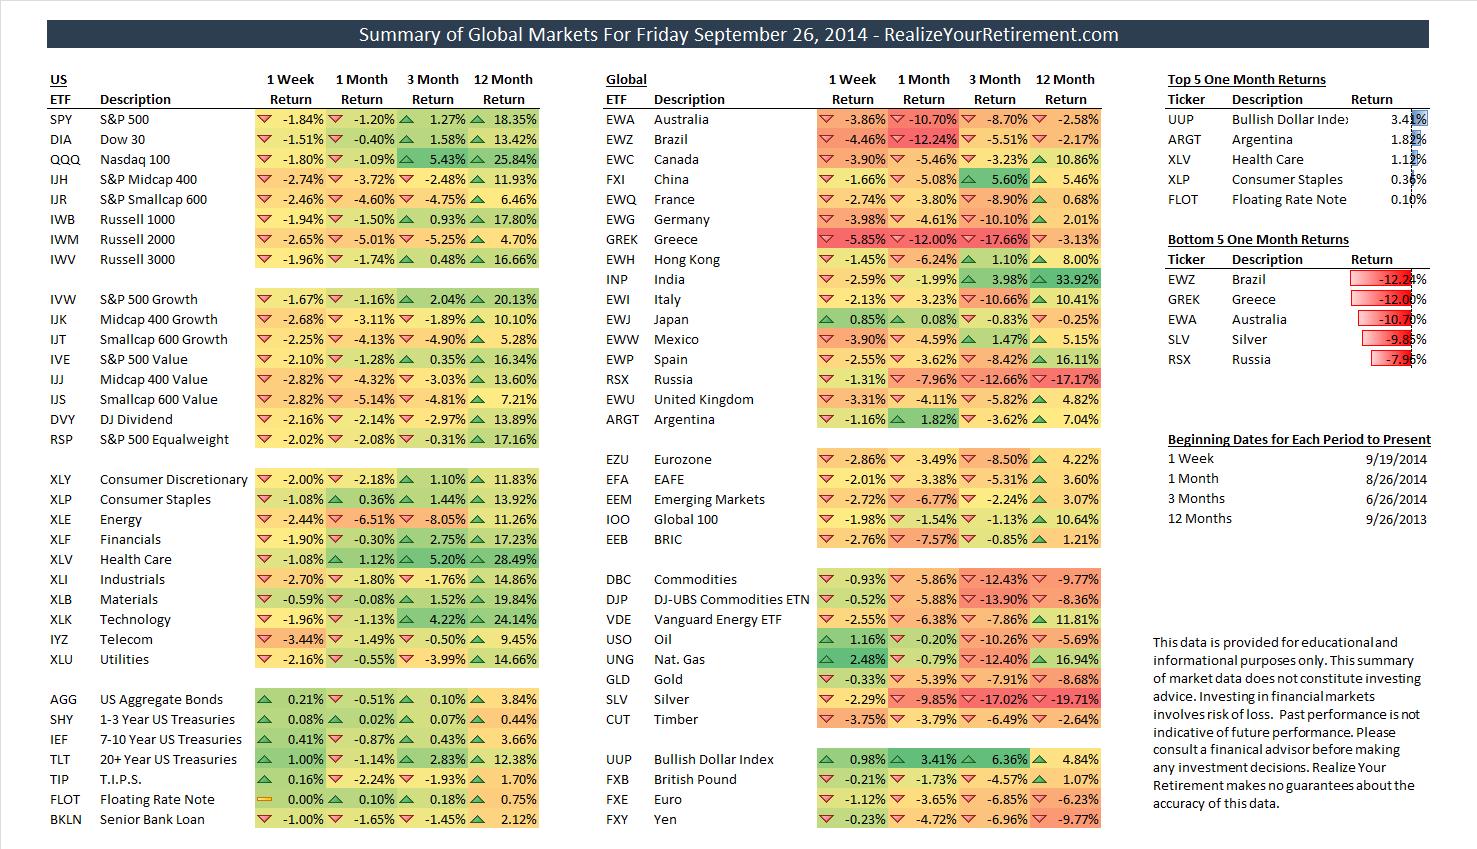 Global Market Summary for September 26, 2014